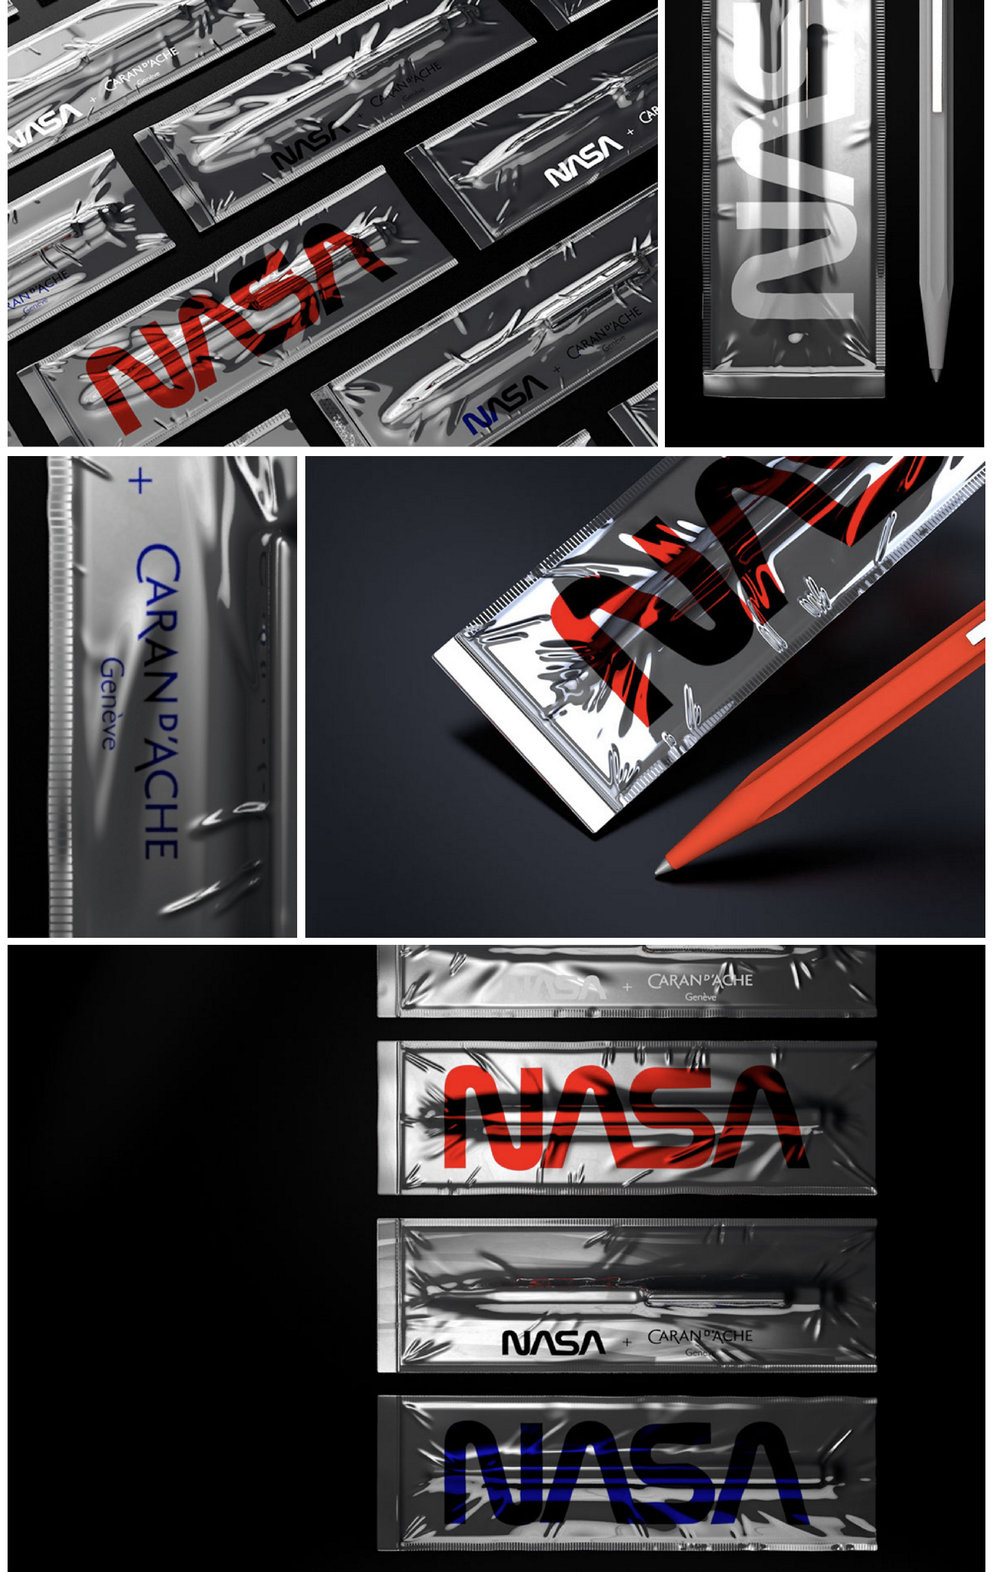 NASA   Caran D ache-03.jpg